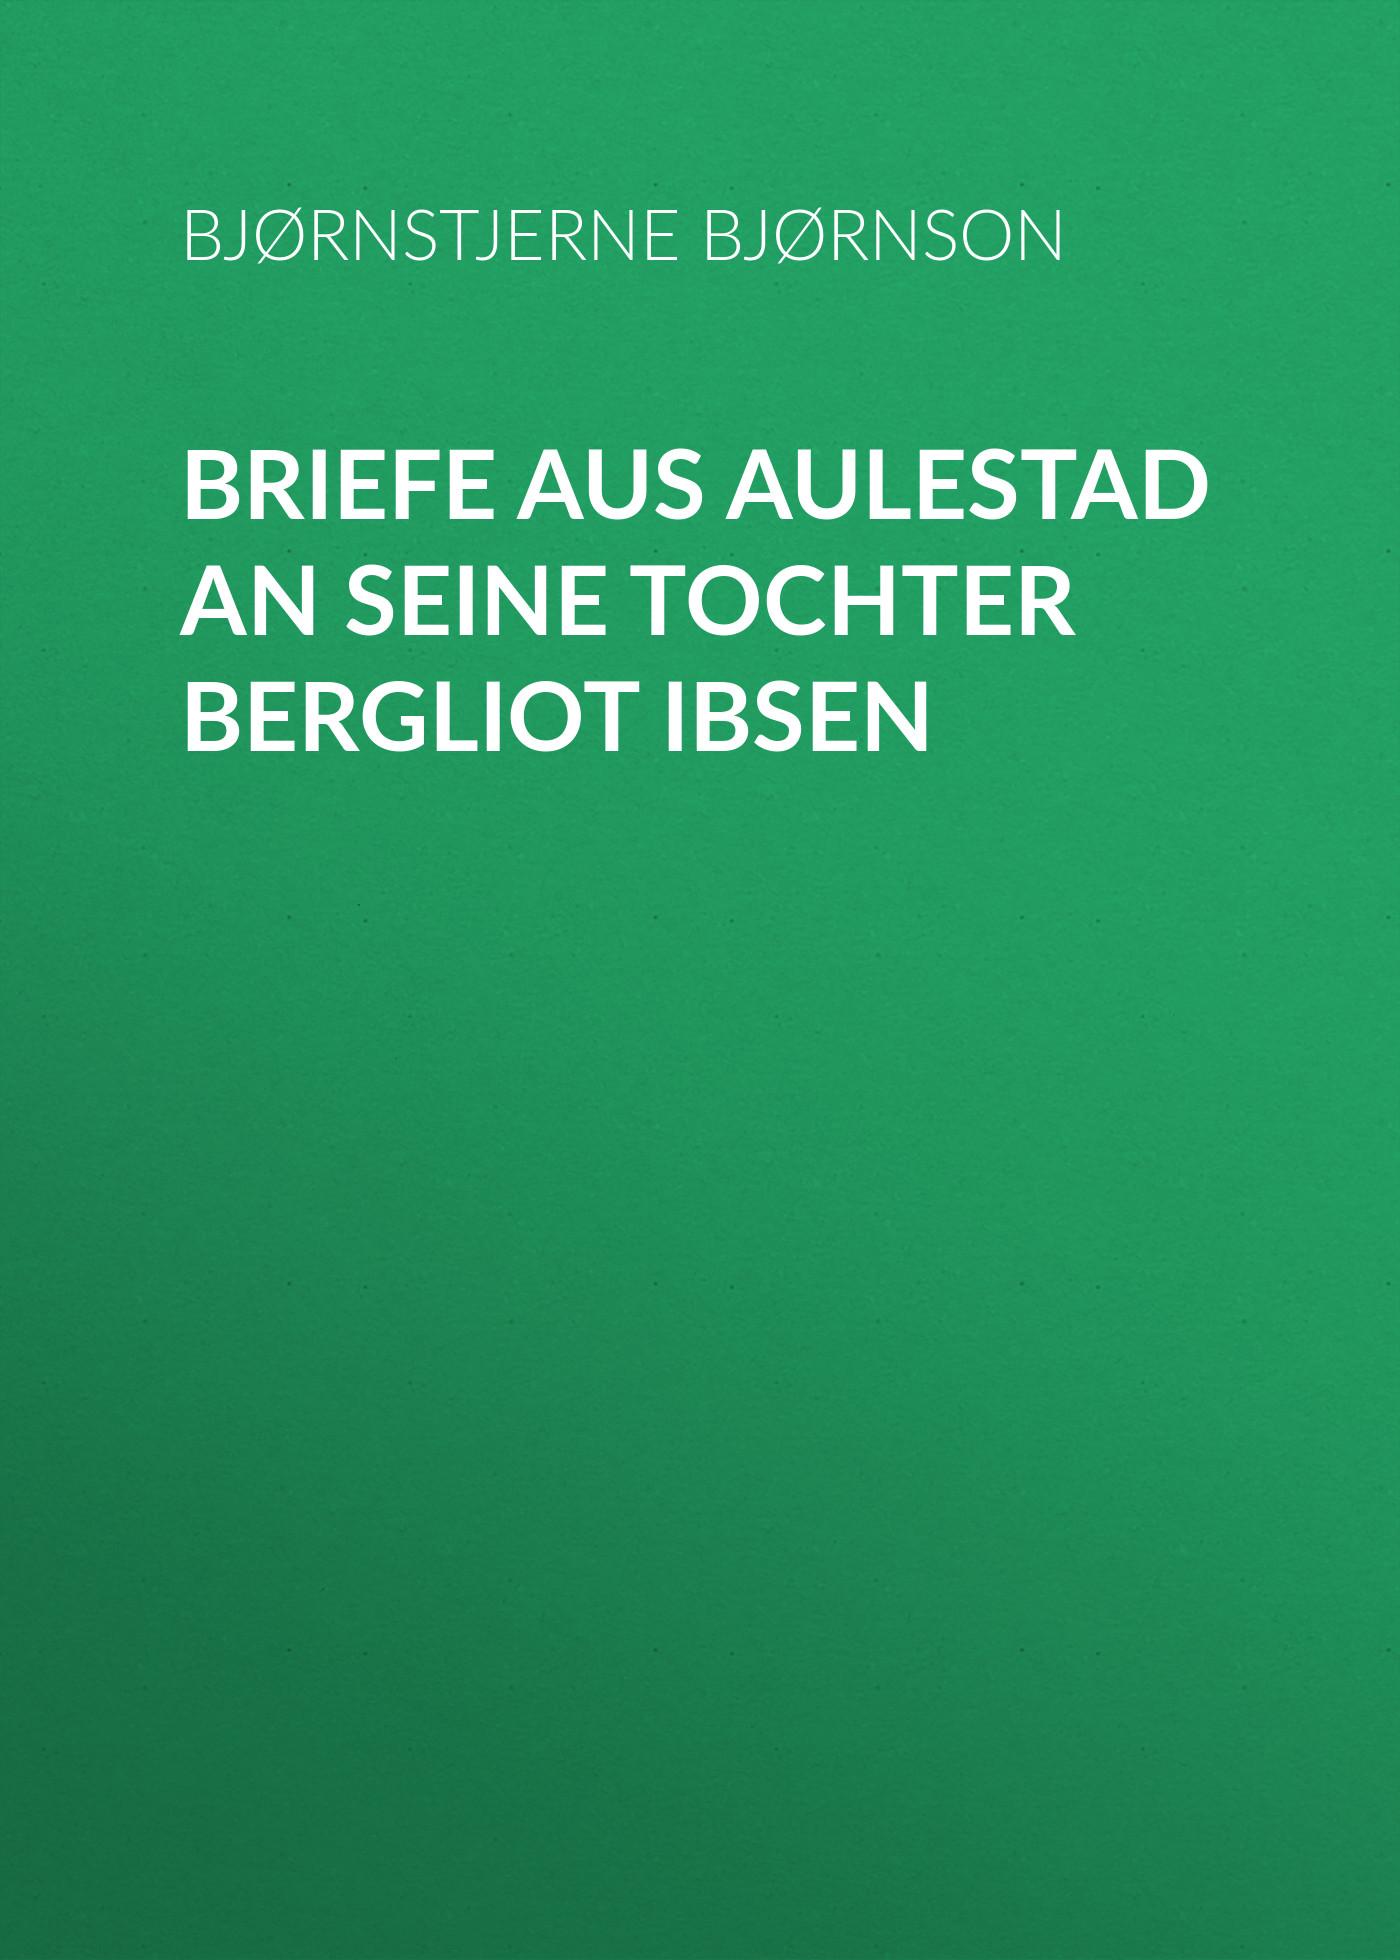 Bjørnstjerne Bjørnson Briefe aus Aulestad an seine Tochter Bergliot Ibsen wilhelm deeke aus meinen erinnerungen an emanuel geibel